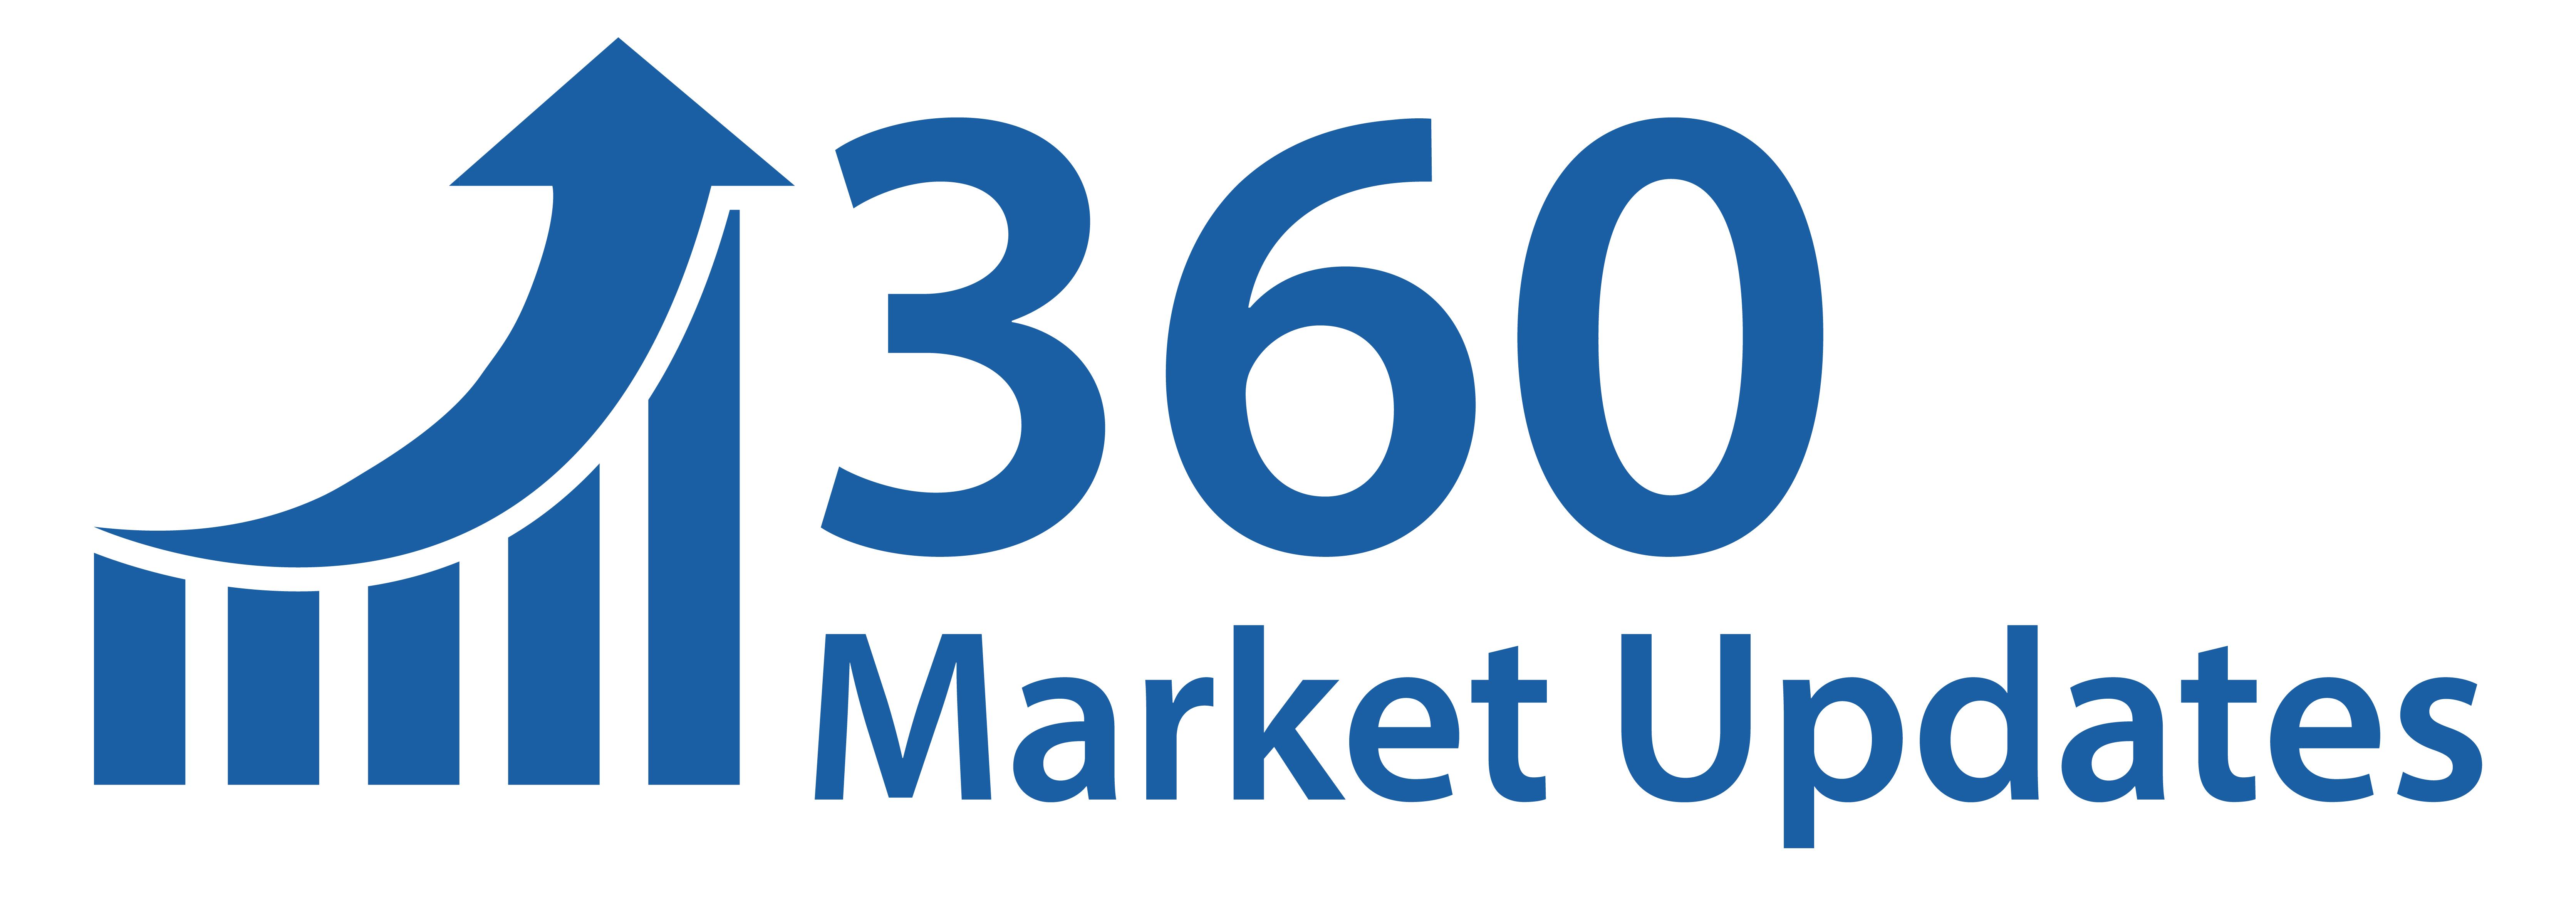 Global Infantile Spasms Therapeutics Market 2020 Branchengröße, zukünftige Trends, Wachstumsfaktoren, Nachfrage, Geschäftsanteil, Umsatz und Einkommen, Hersteller, Anwendung, Umfang und Chancenanalyse nach Ausblick - 2025